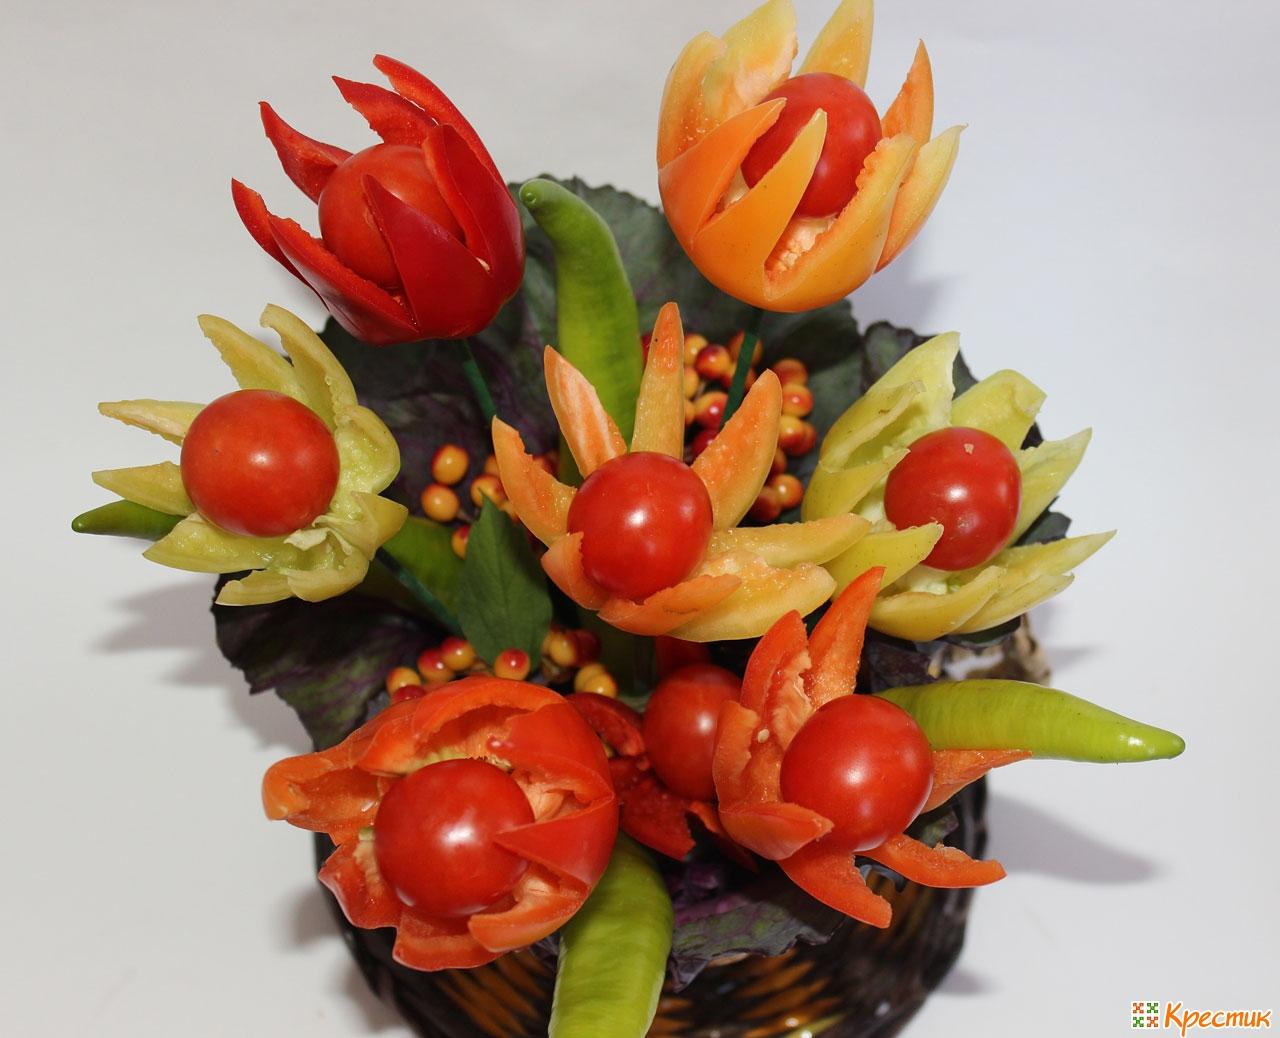 Фигурки из овощей сделанные своими руками фото 368